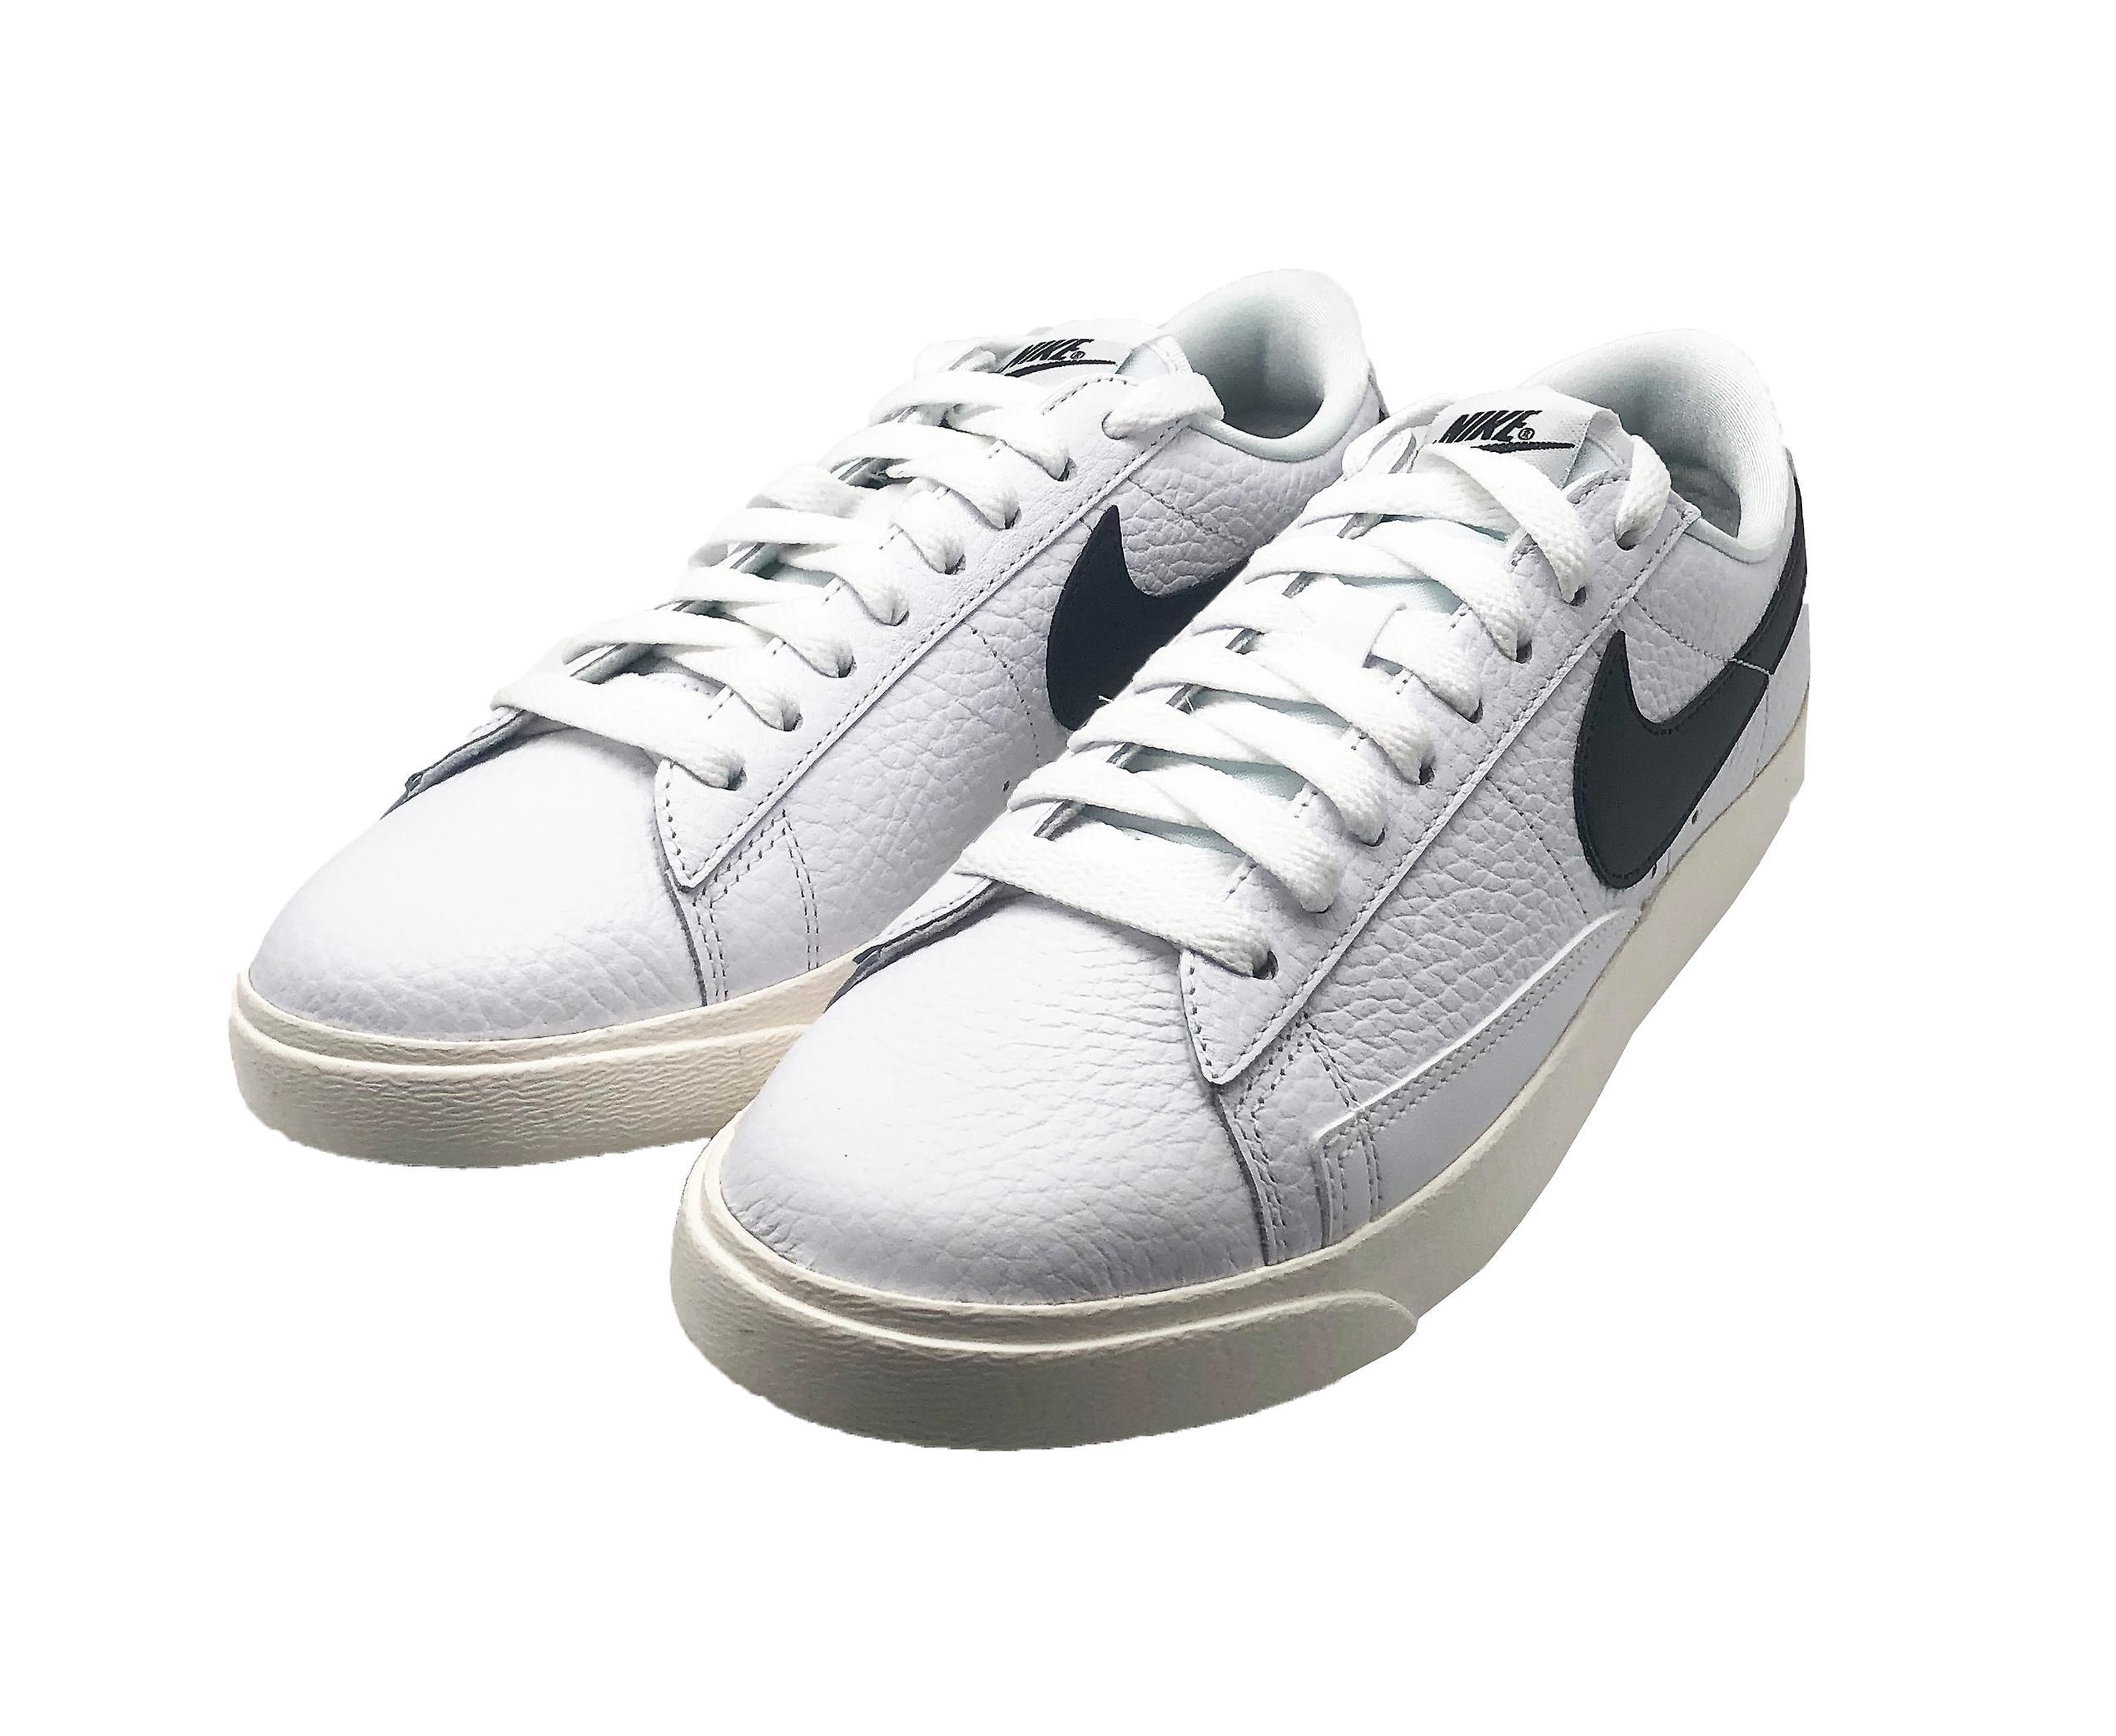 Nike Blazer Low PRM 454471 104 Womens Trainers